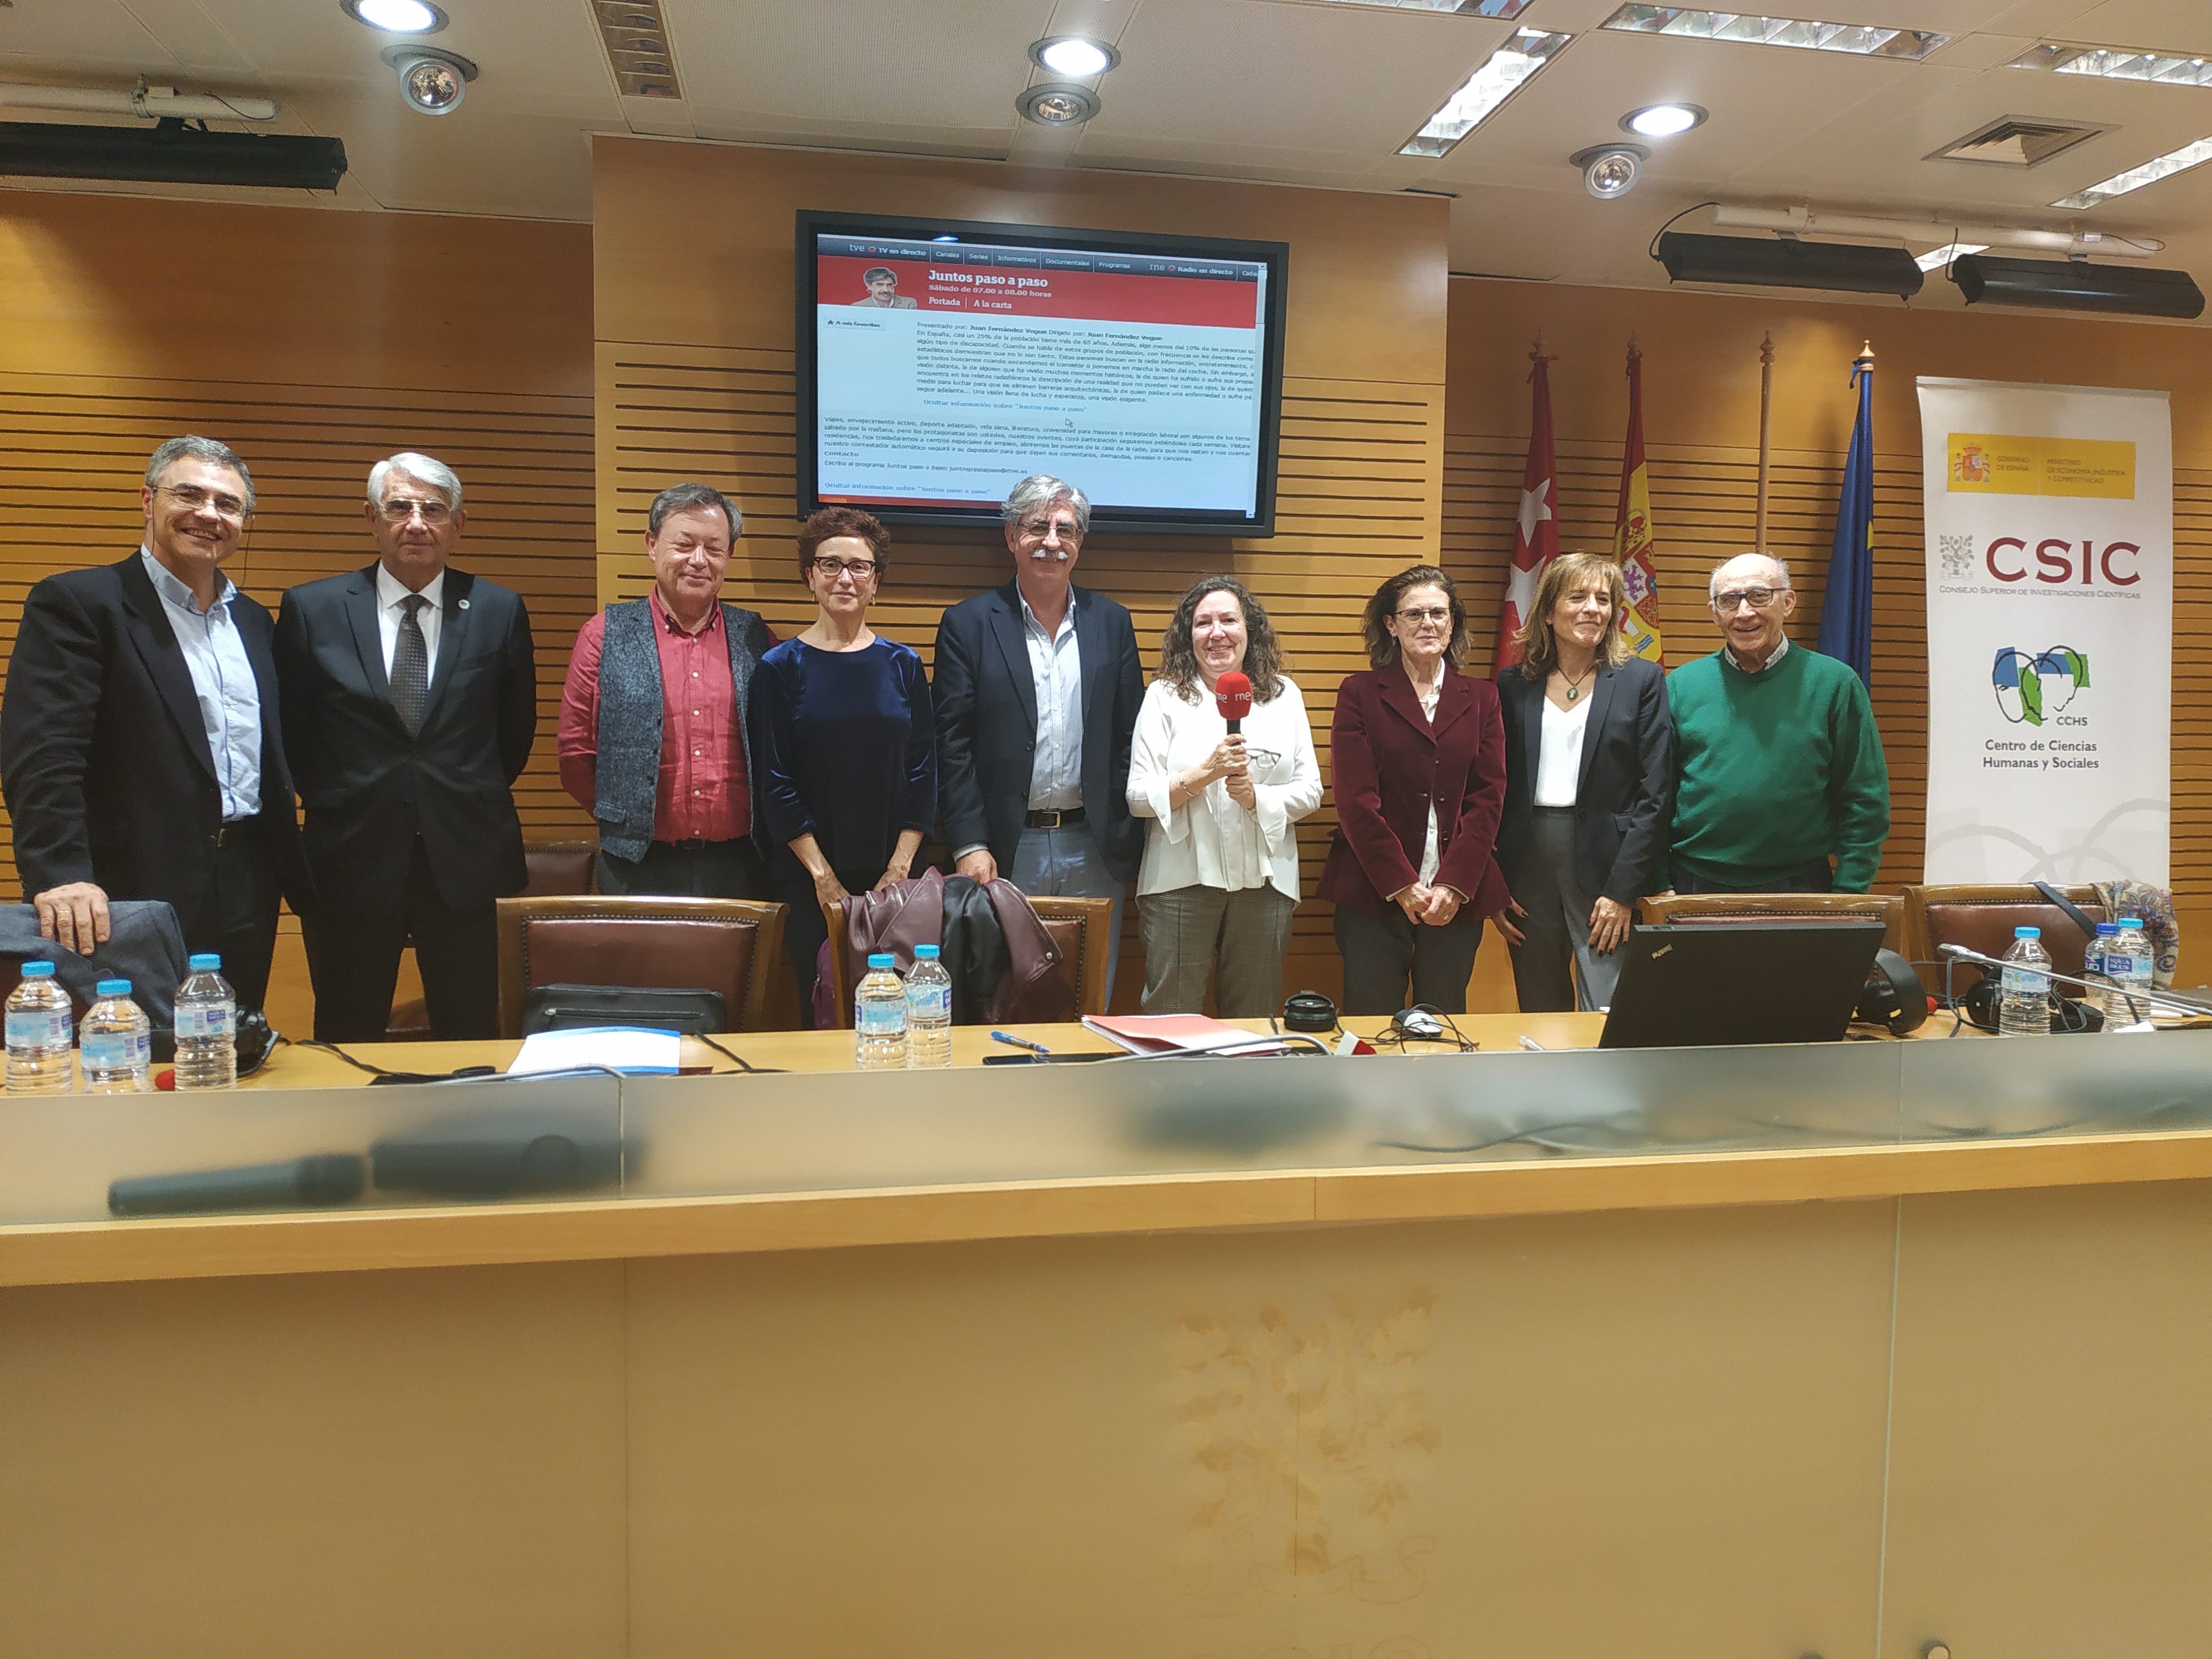 Equipo de Juntos paso a paso de RNE e invitados, en el Centro de Ciencias Humanas y Sociales del CSIC